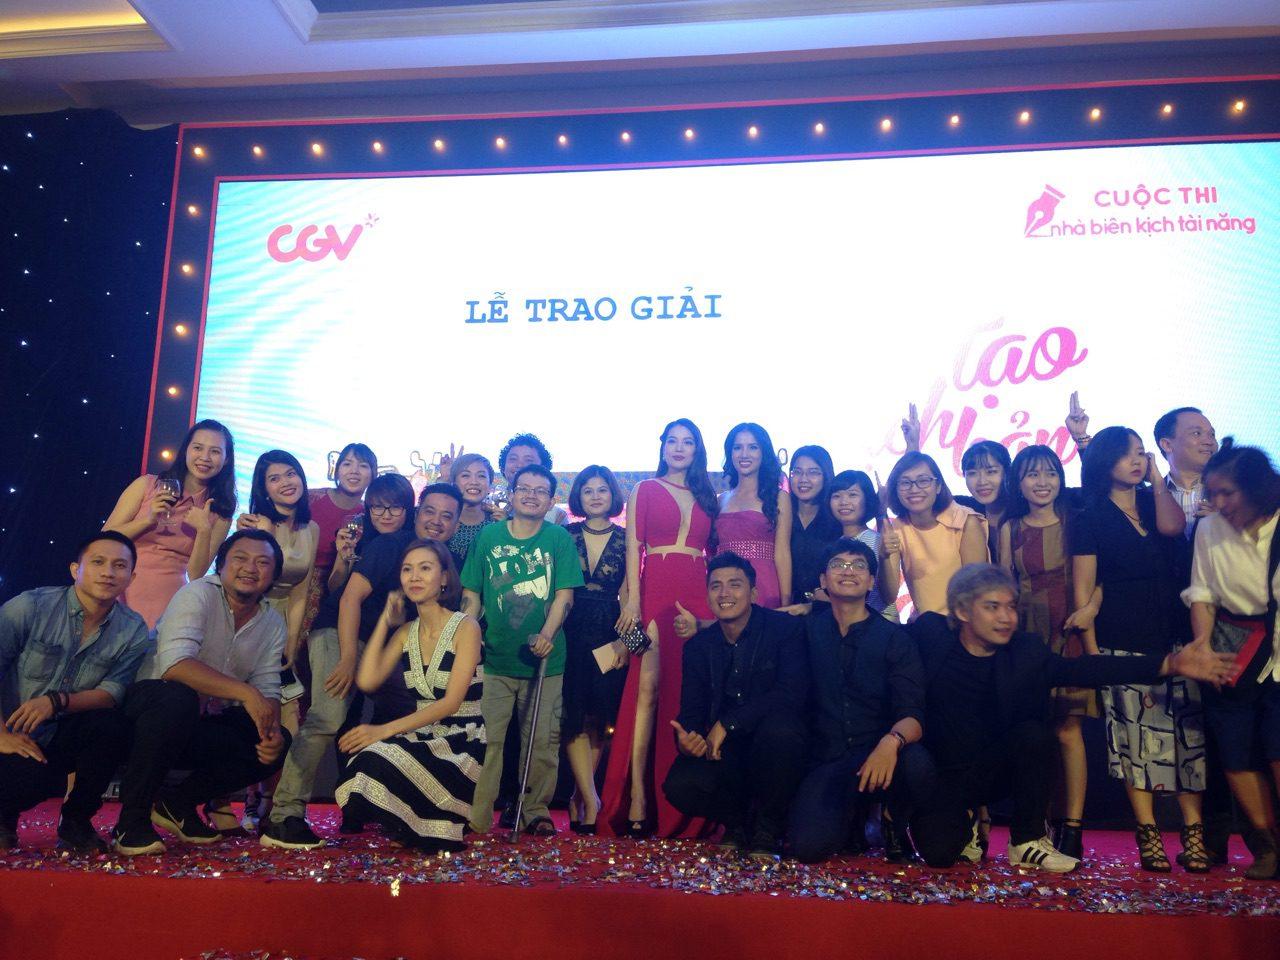 Học viên Võ Thị Hoàng Yến đoạt giải bạc cuộc thi nhà biên kịch tài năng